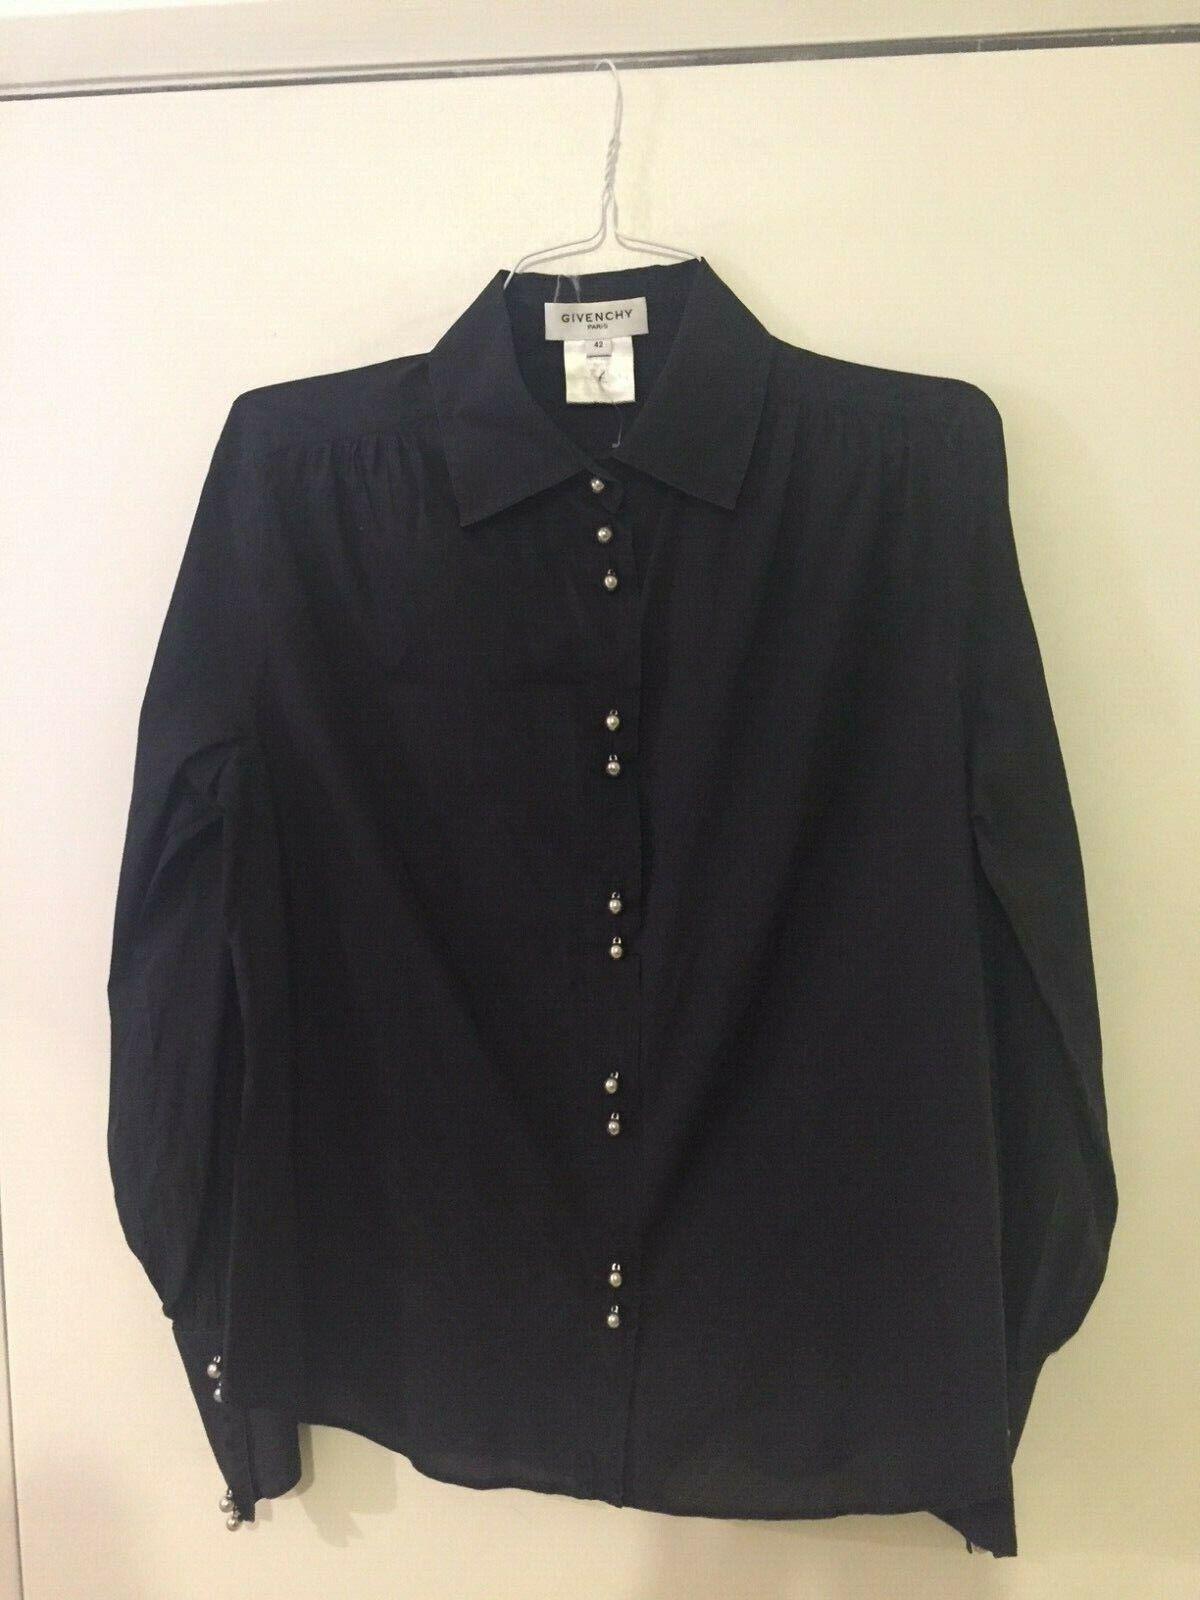 GIVENCHY,superbe chemise schwarze Größe 42,en cotton,avec magnifiques boutons